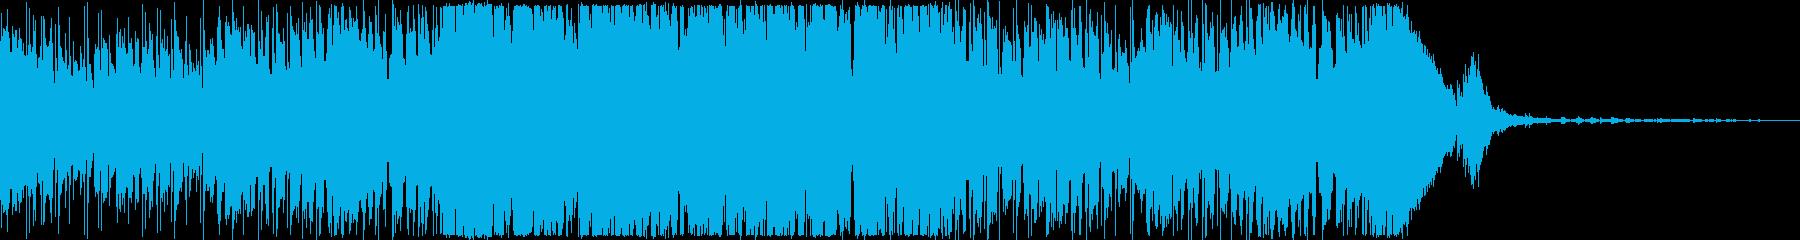 わくわく・オープニング・楽しい・ファンクの再生済みの波形